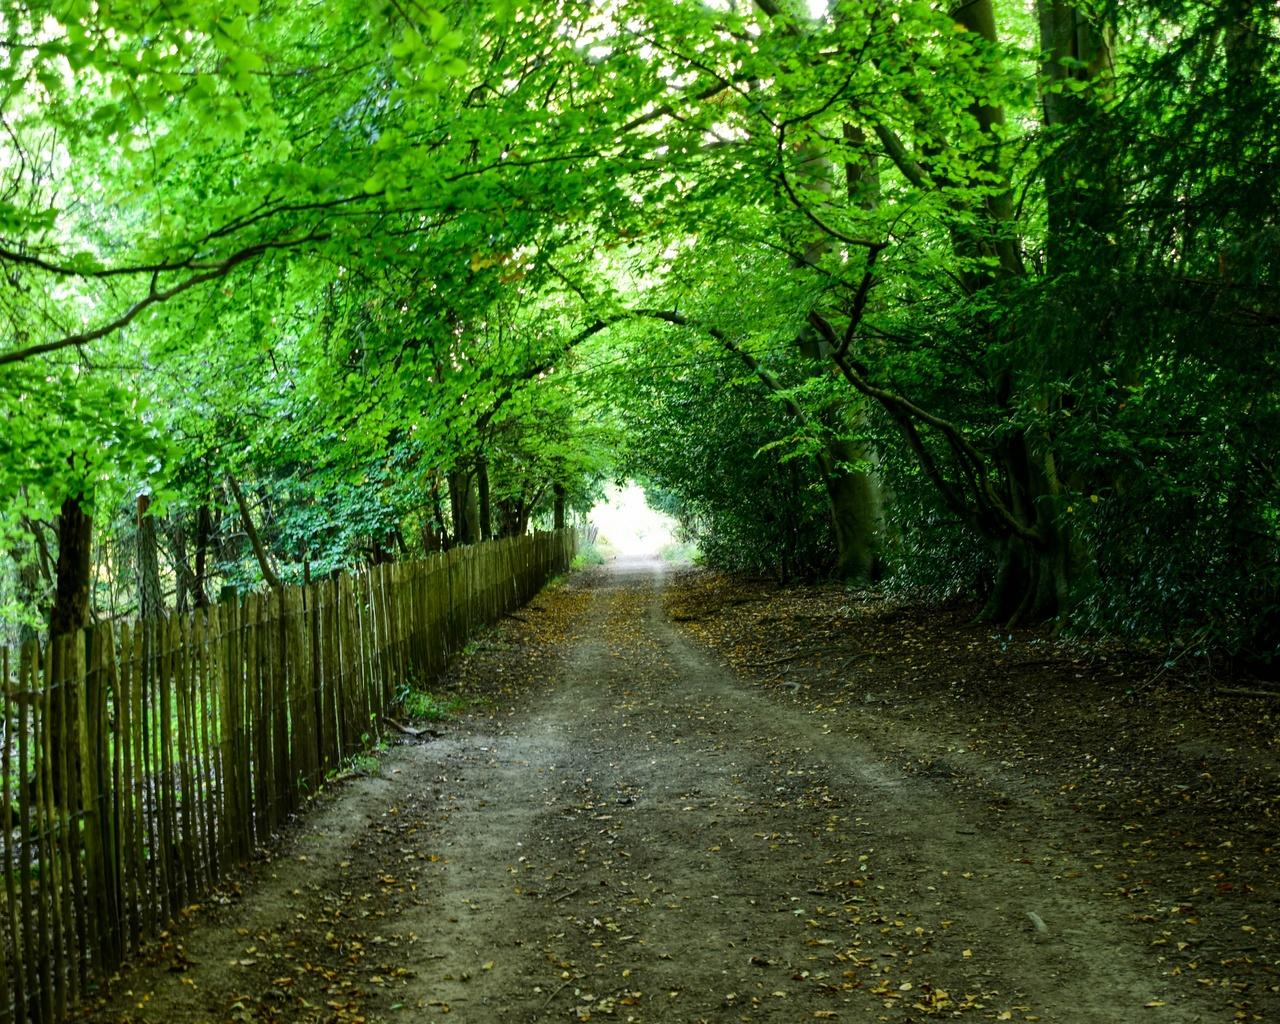 деревья, тень, дорожка, забор